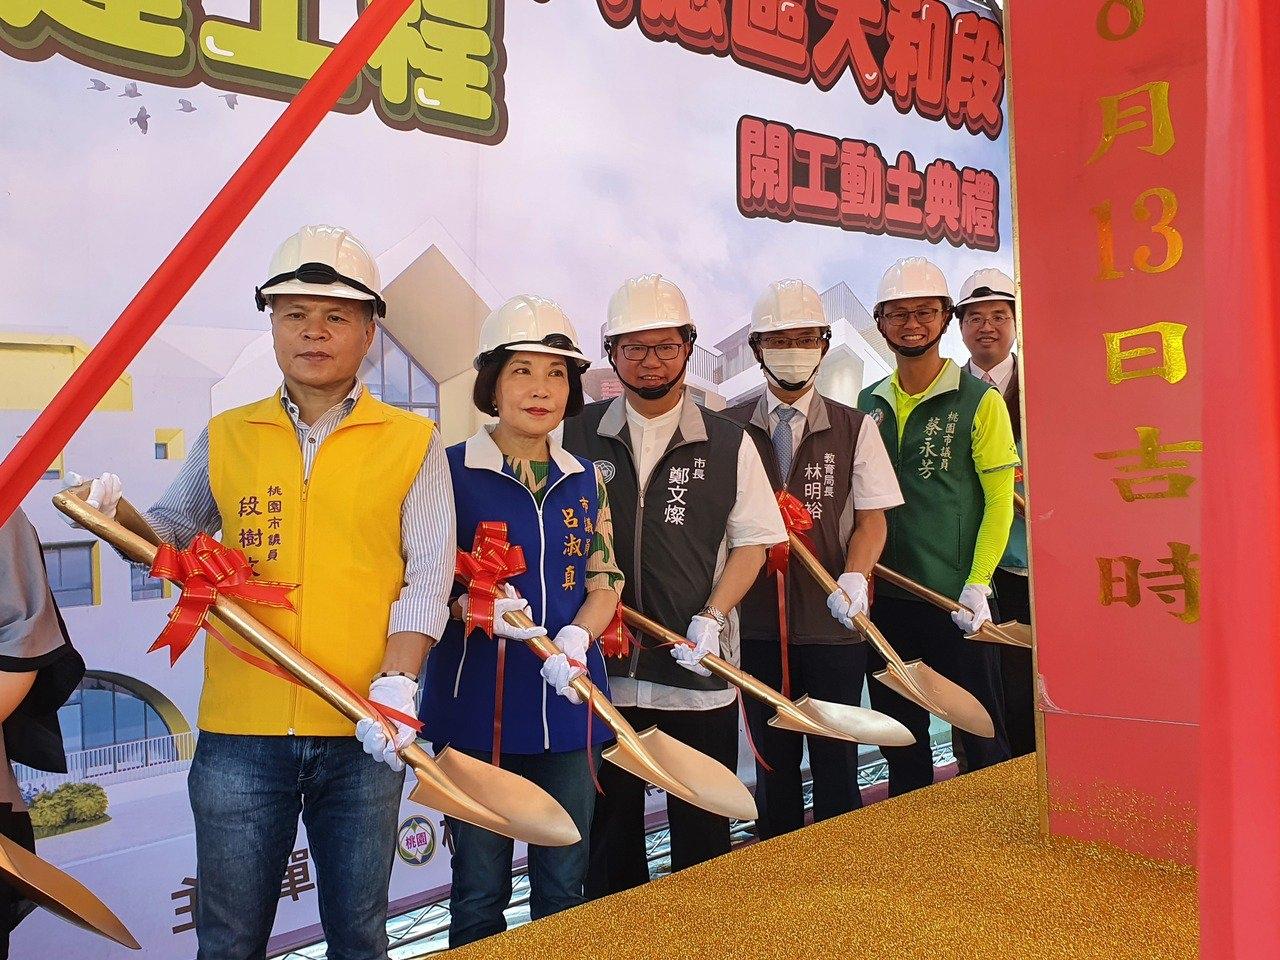 大和非營利幼兒園舉行新建工程13日動土,預計明年6月竣工,明年9月招生182名幼生。記者陳夢茹/攝影